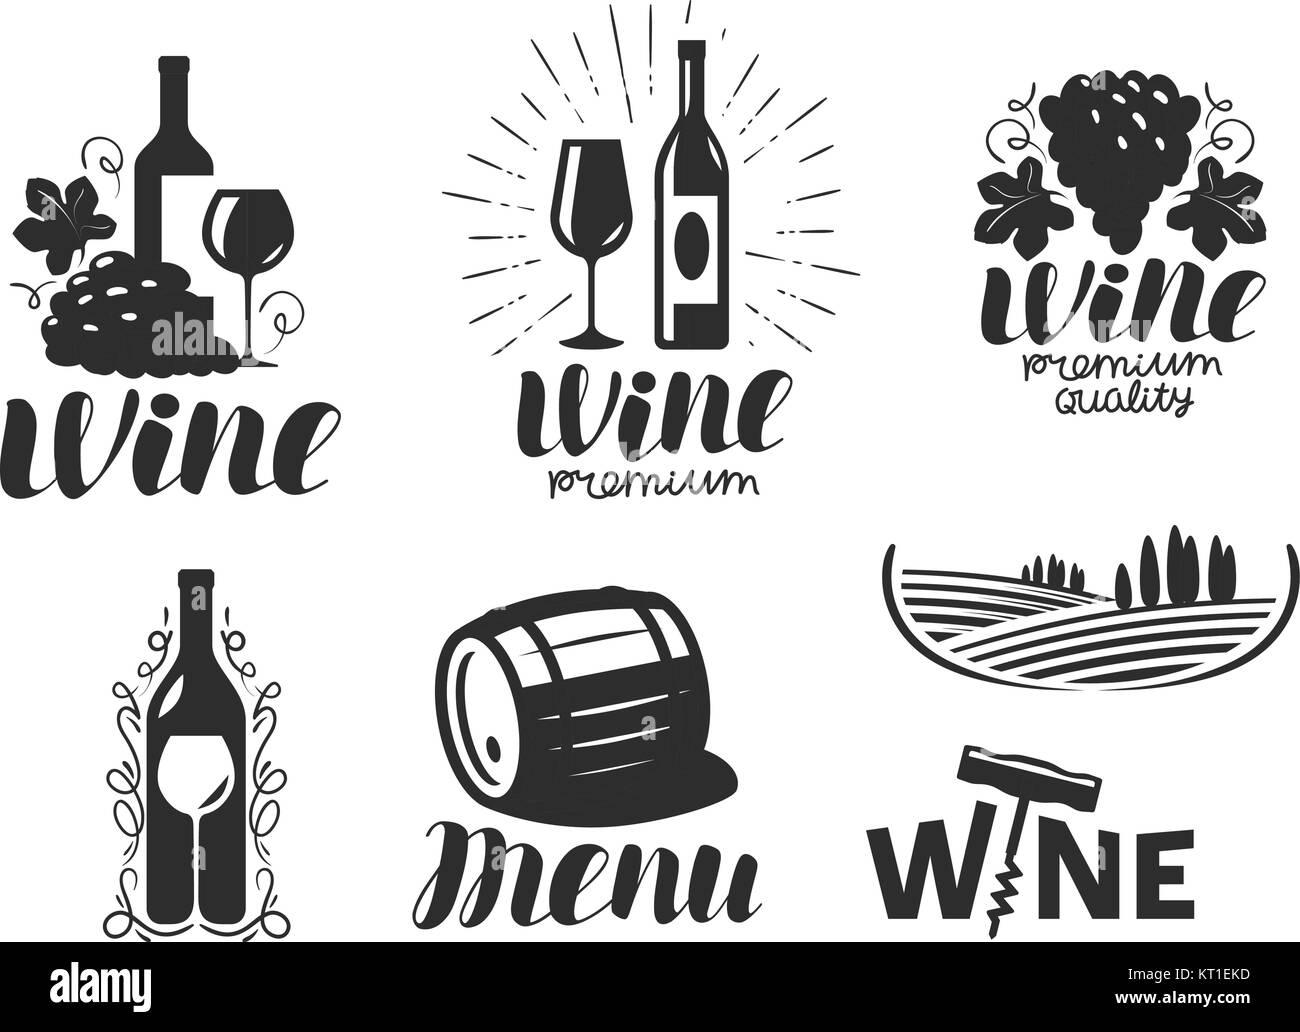 Wein, Weingut Logo. Getränke, alkoholische Getränke Symbol oder Icon ...